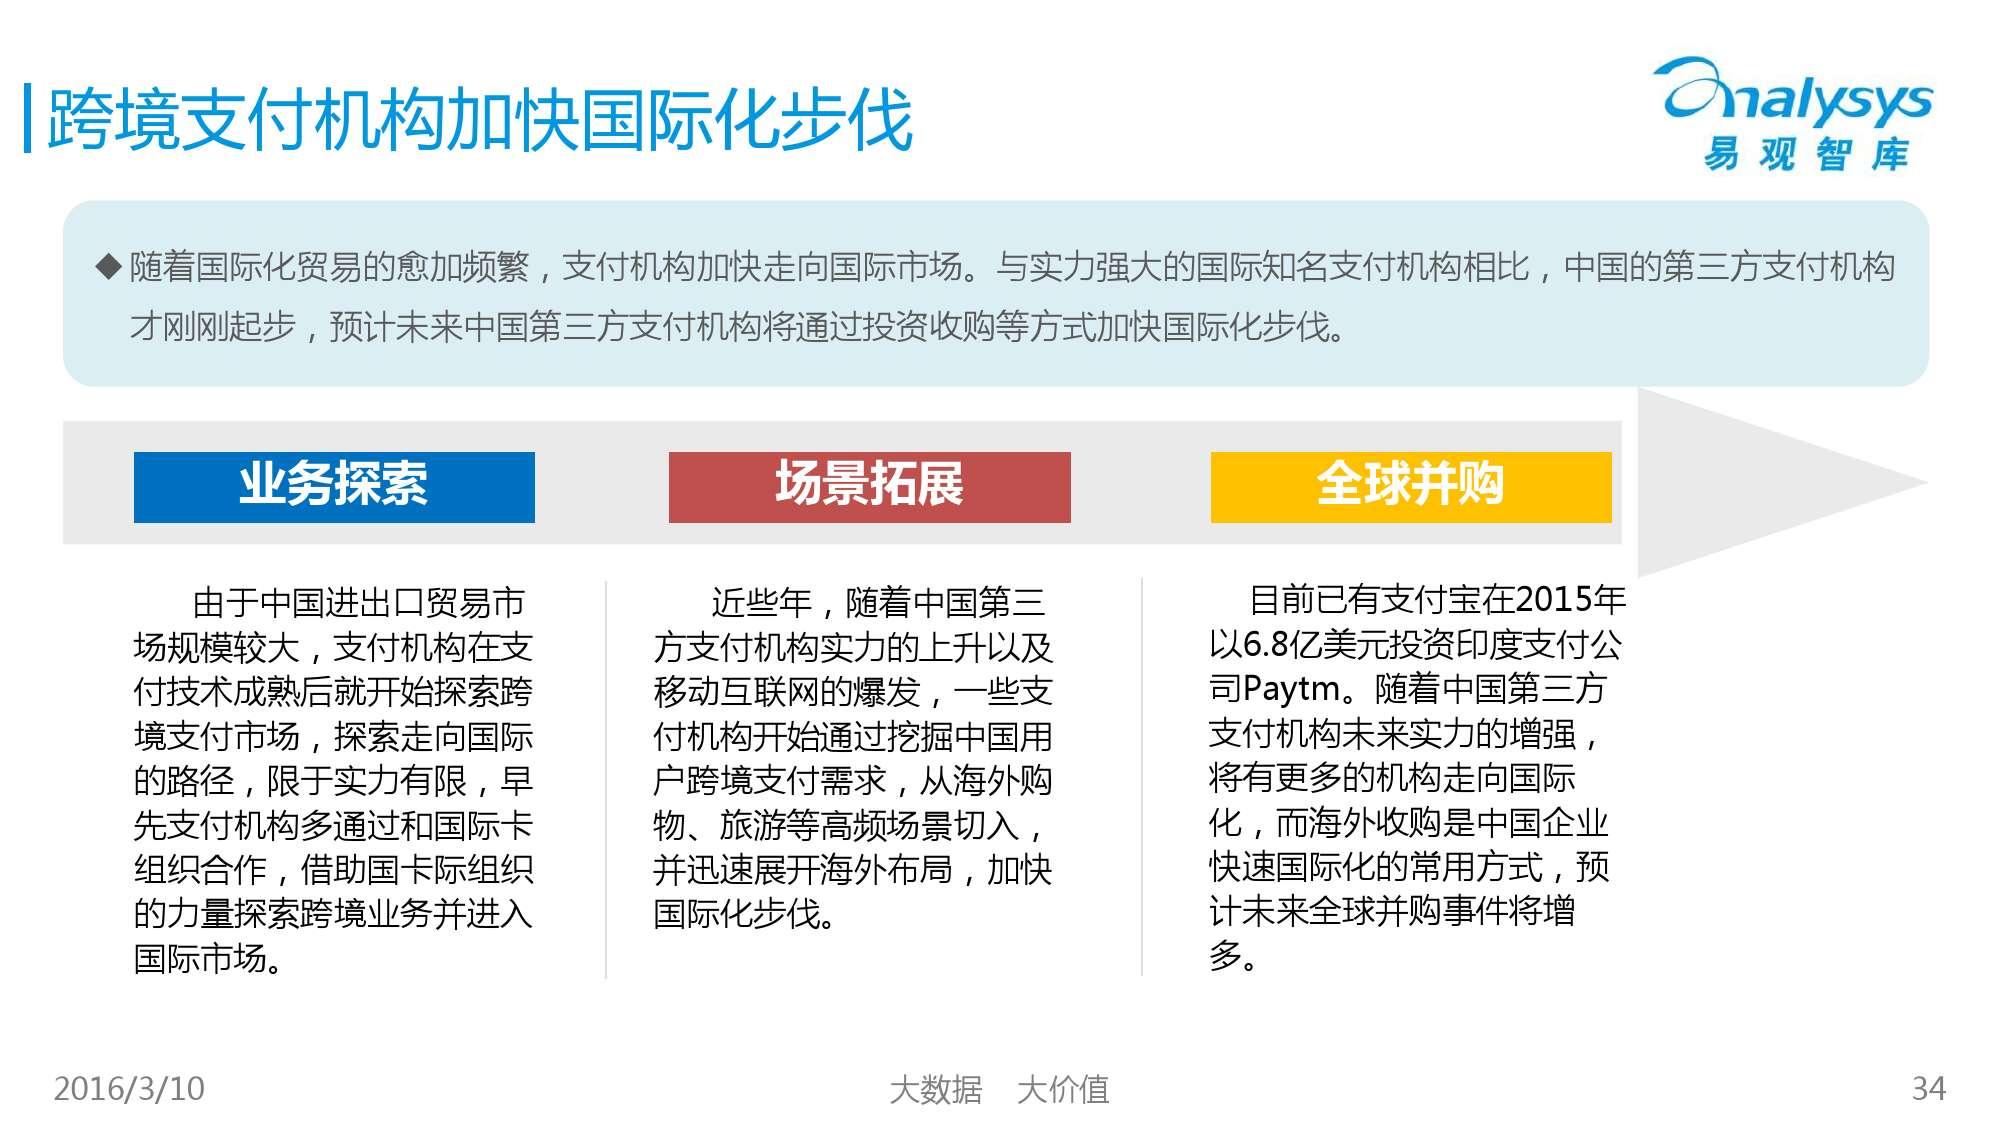 中国跨境支付市场专题研究报告2016_000034